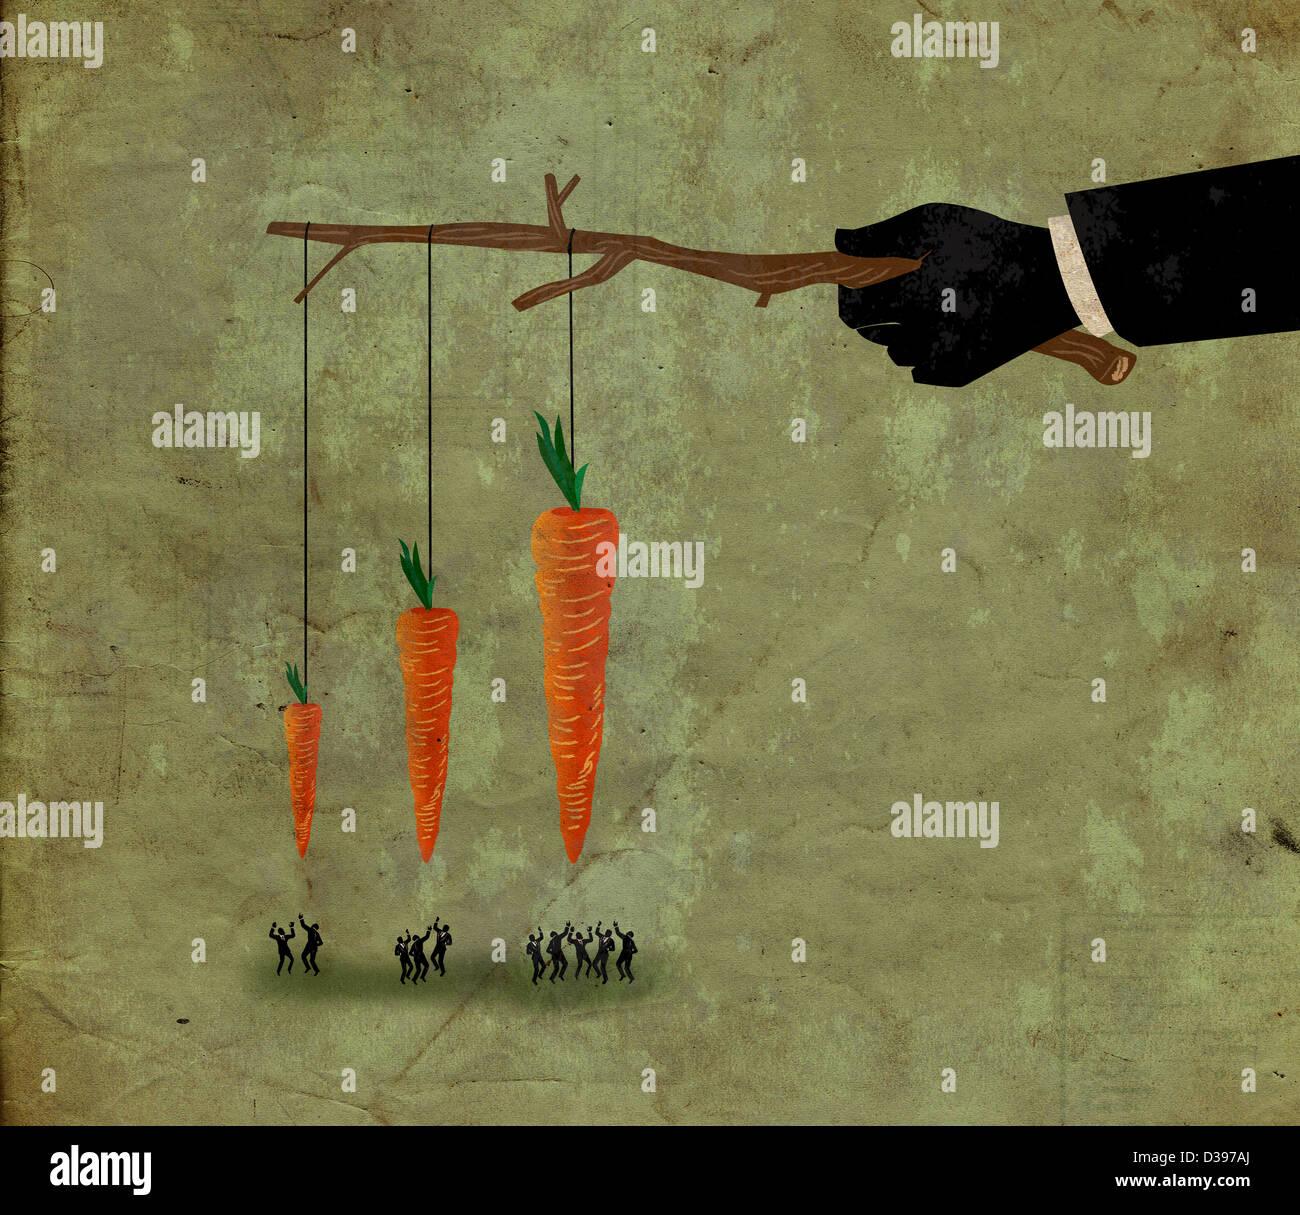 Captura ilustrativa de empresarios brincar de zanahoria representando para el incentivo de la competencia Imagen De Stock